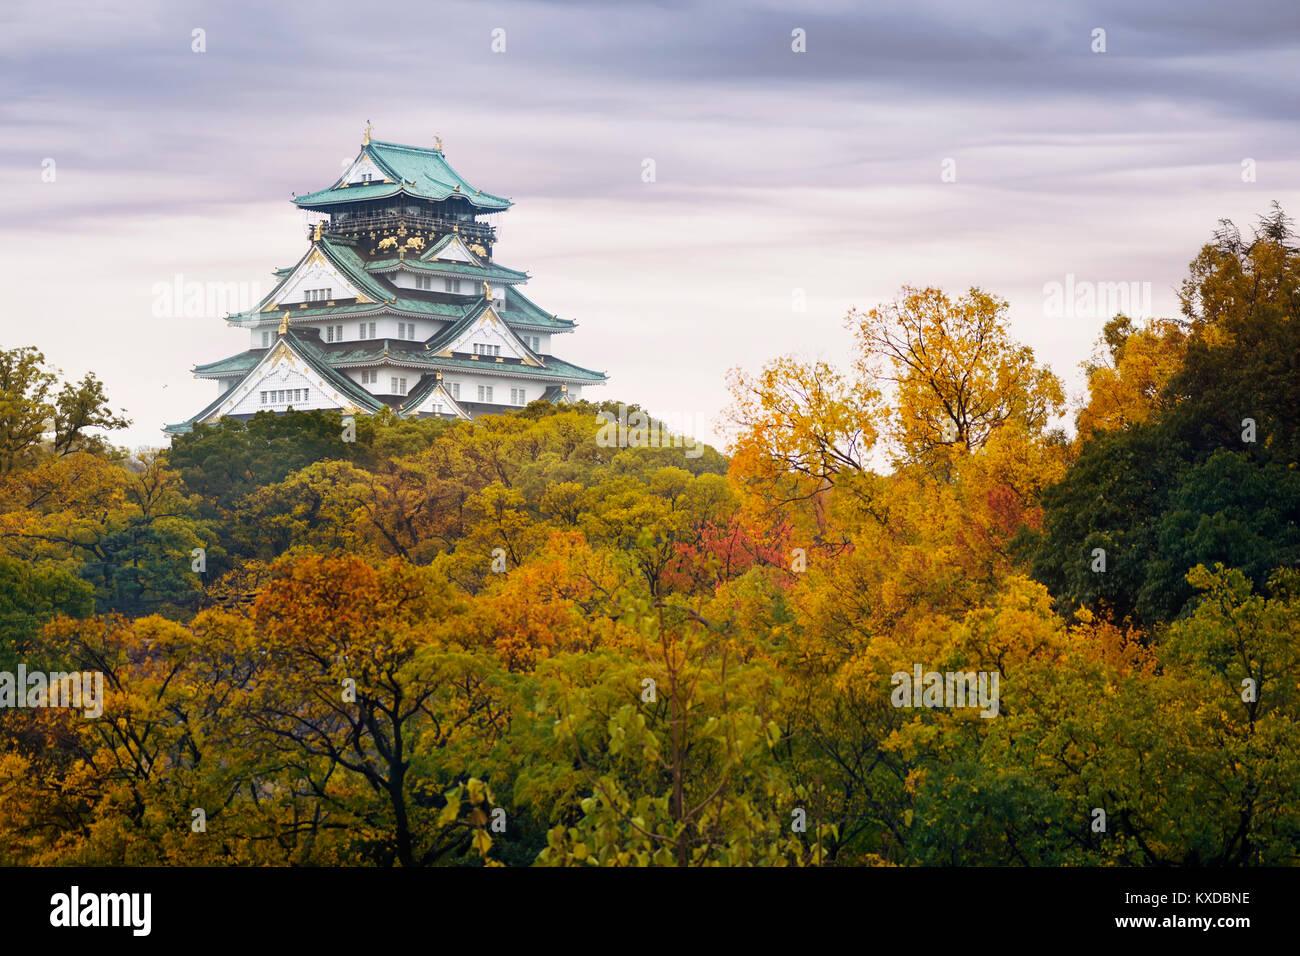 Château d'Osaka, Osakajo sur une colline entourée par des arbres jaunes et rouges dans un matin brumeux Photo Stock